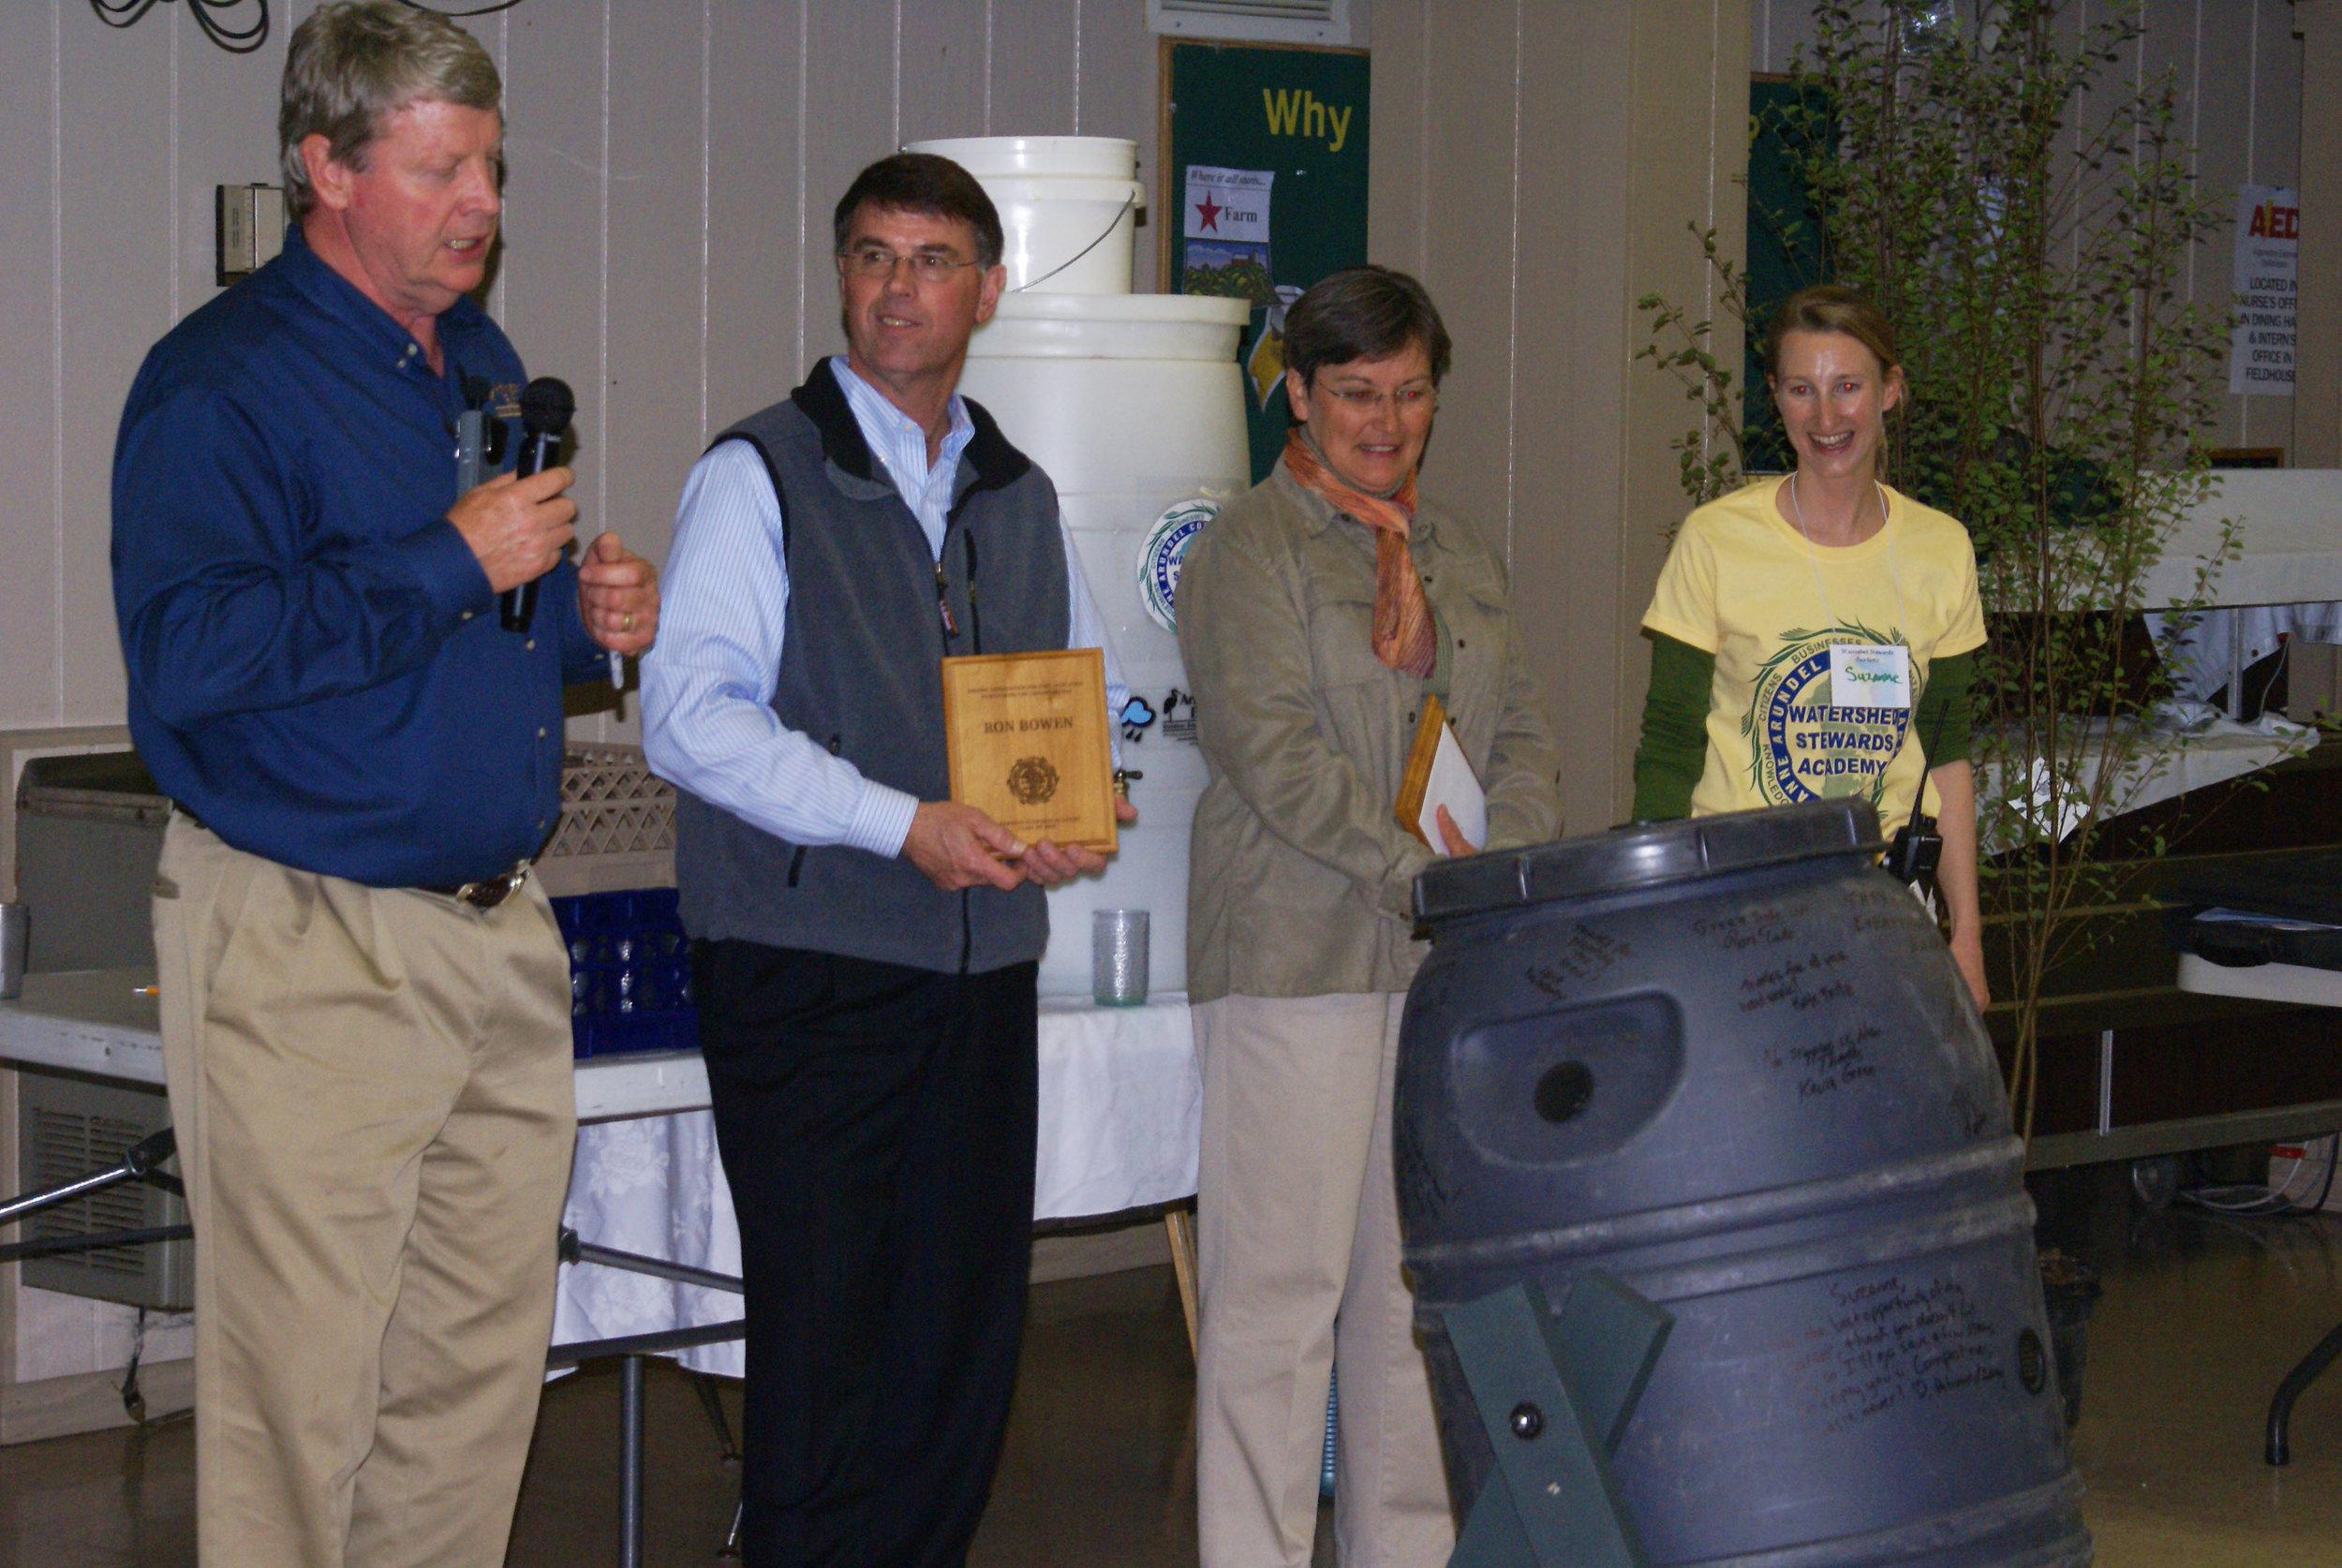 Steve Barry, Ron Bowen, Ginger Ellis and Suzanne Etgen